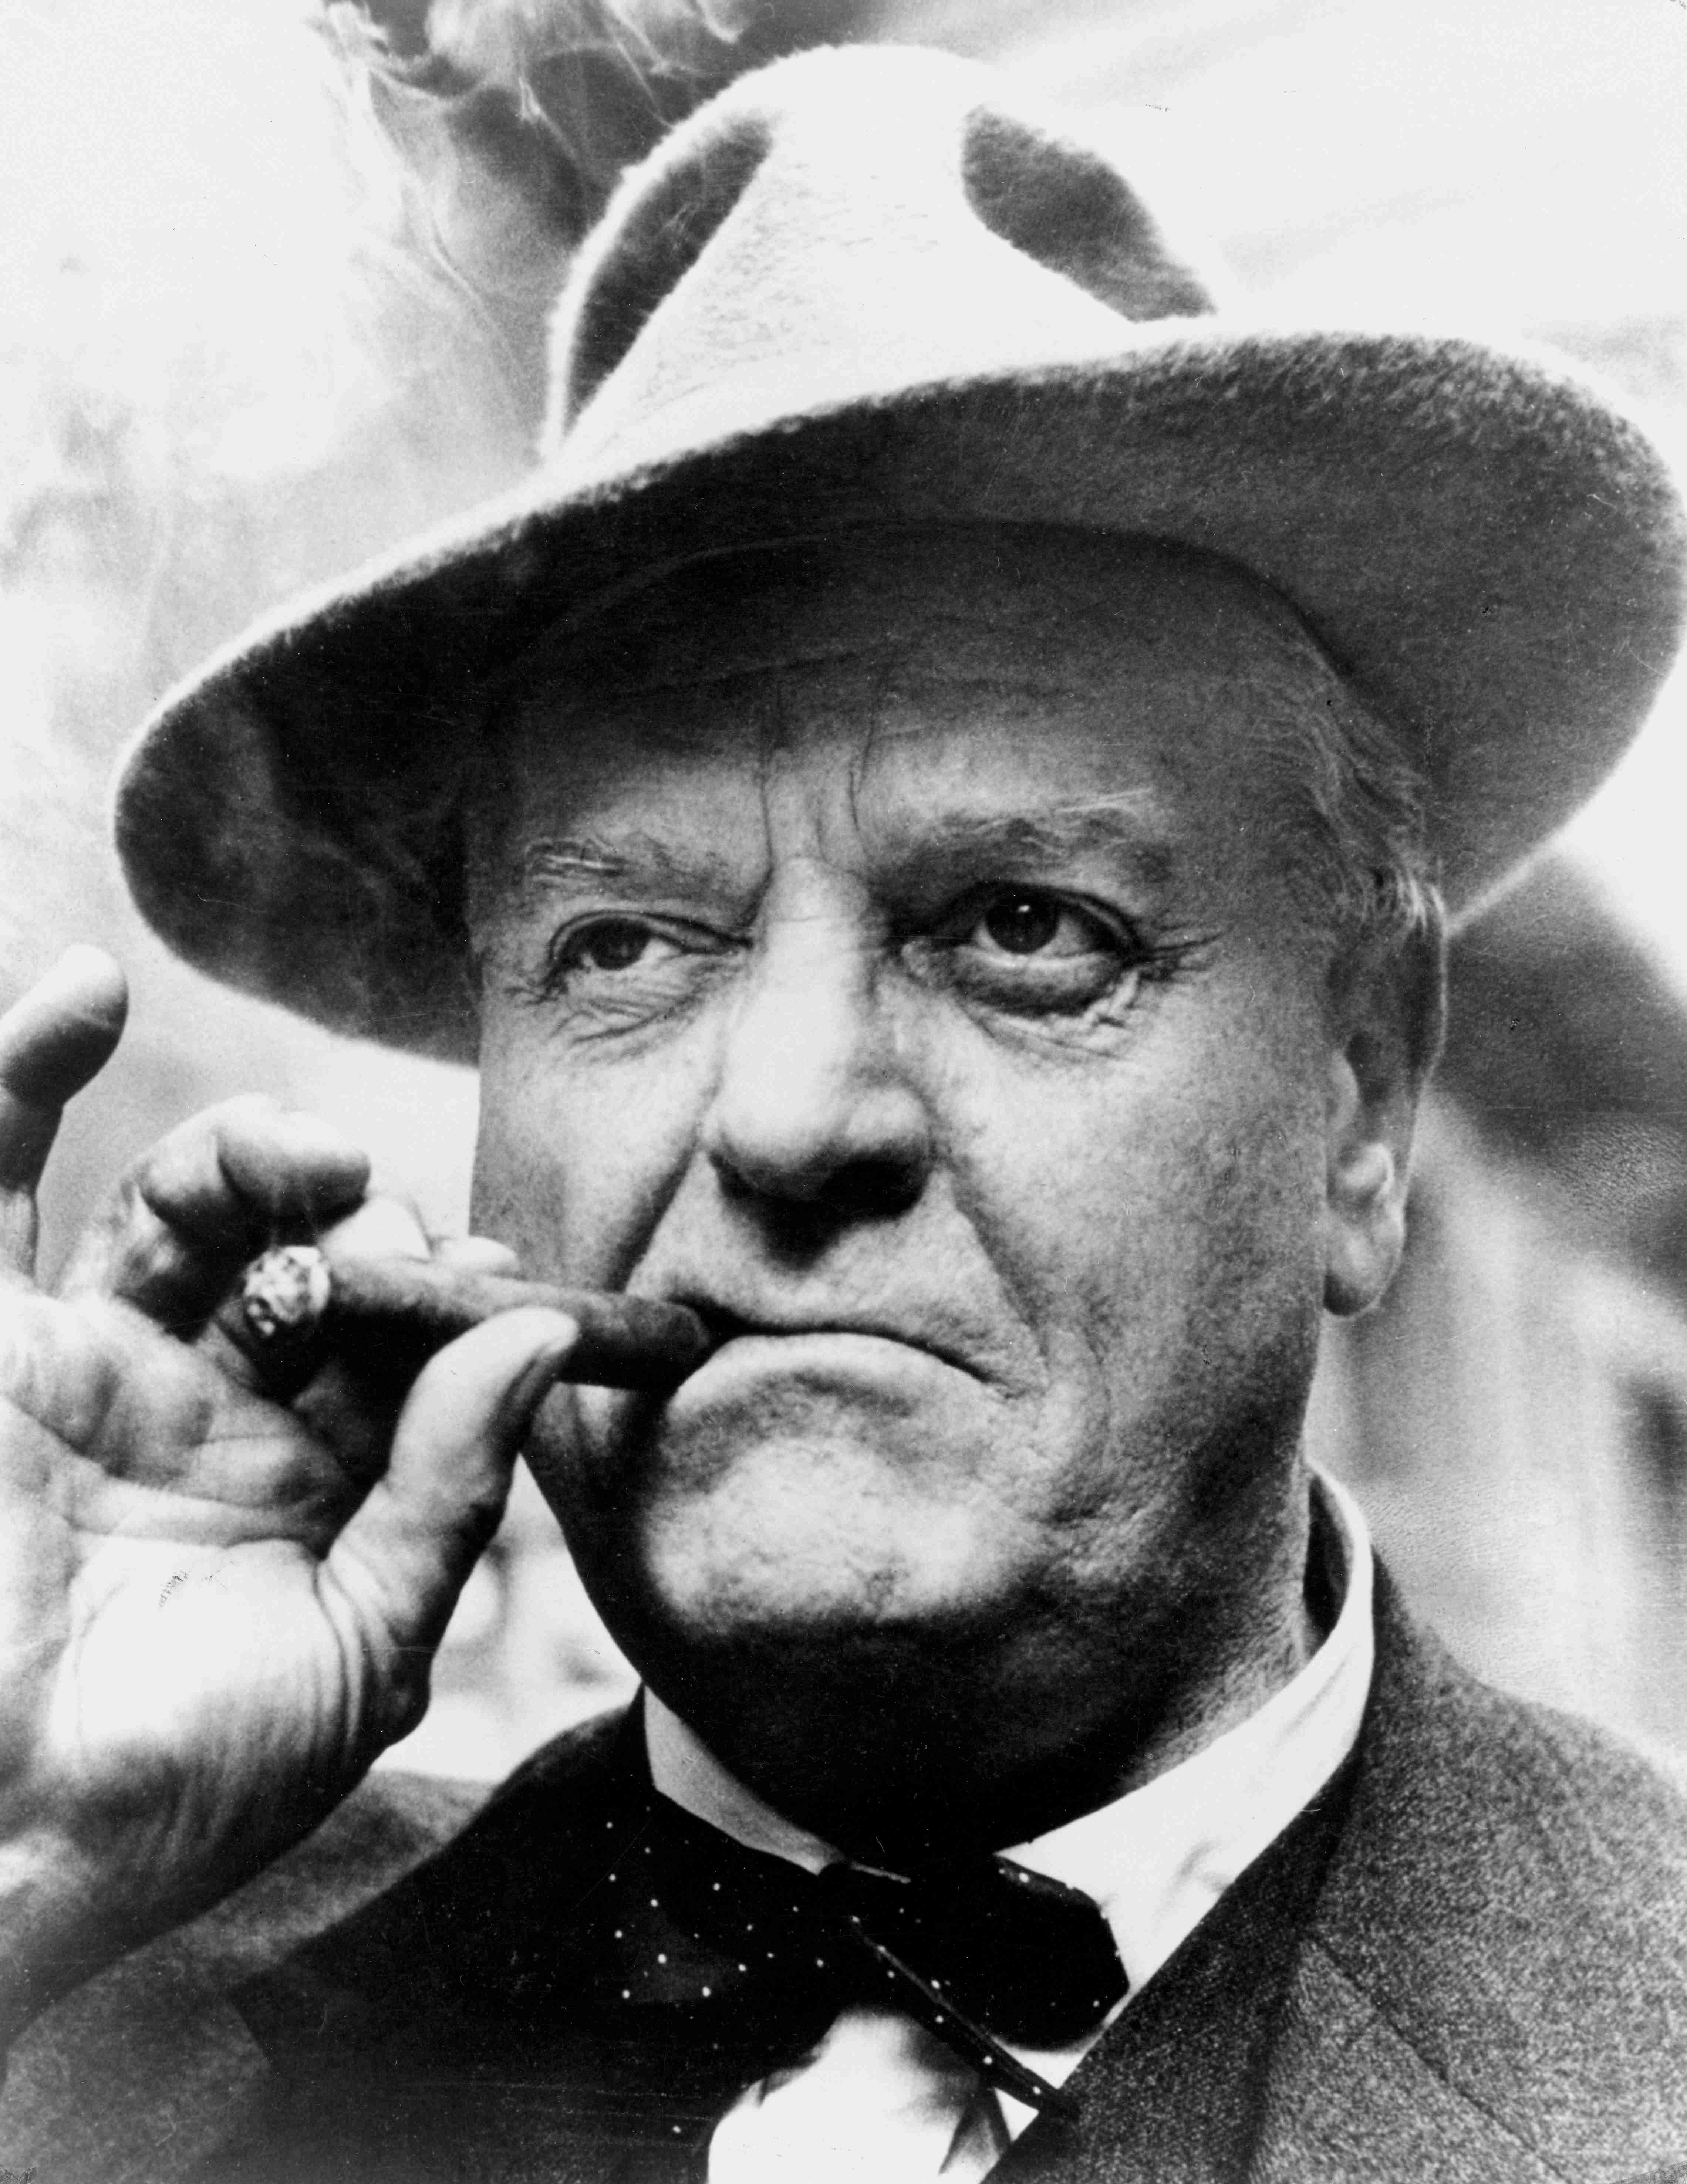 Schwarz-Weiss-Foto. Älterer, leicht übergewichtiger Herr mit schrägem Hut und Anzug. Im Mundwinkel hält er zwischen Daumen und Zeigefinger eine brennende Zigarre.